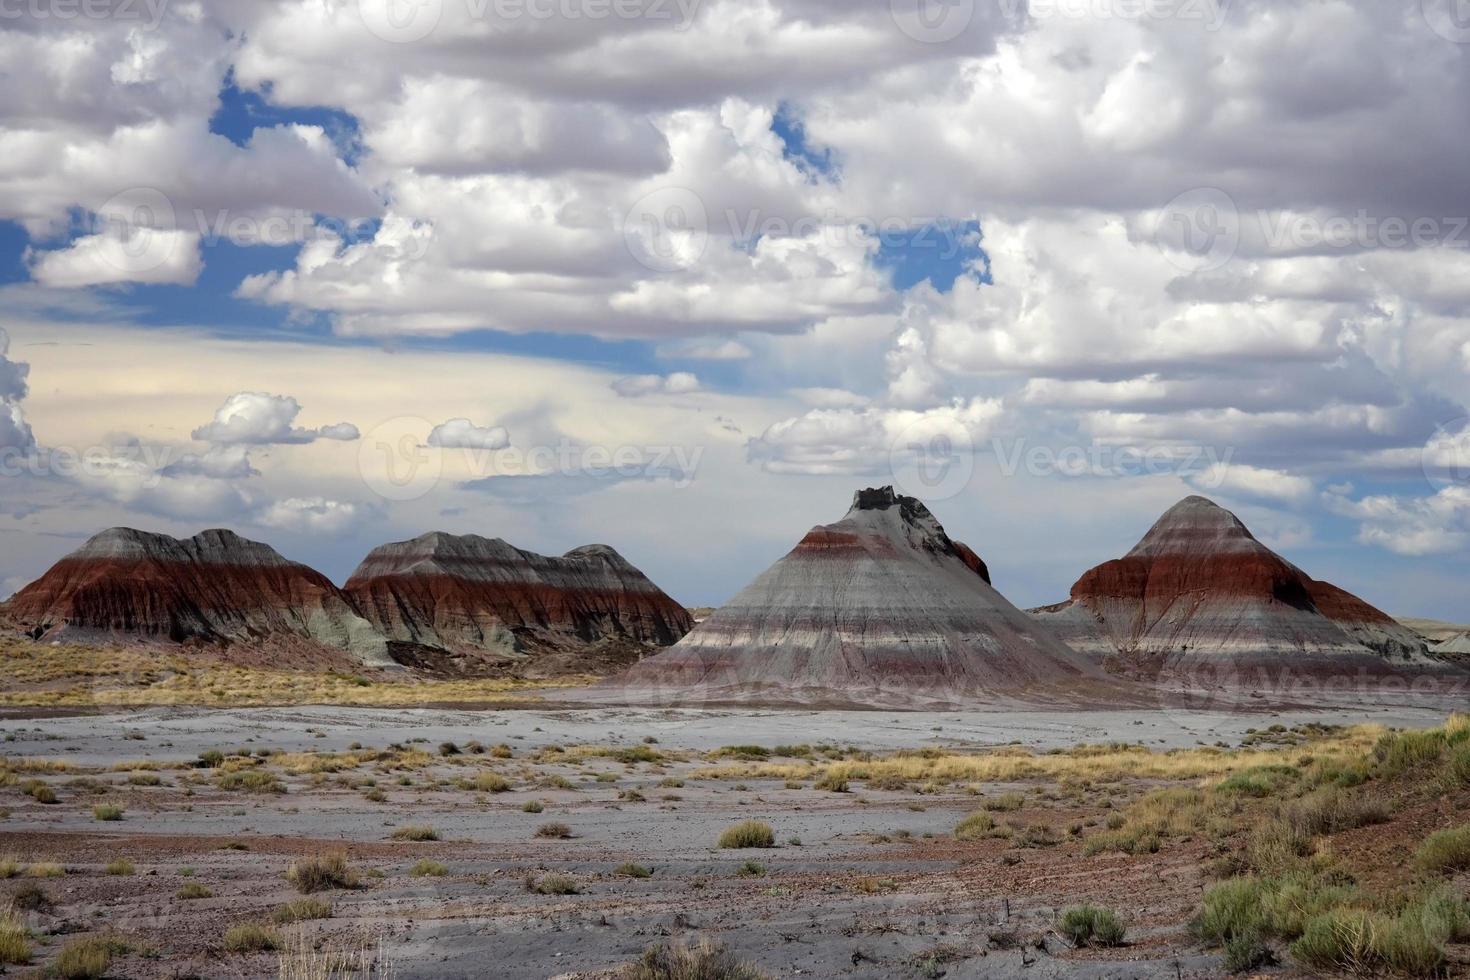 désert peint photo